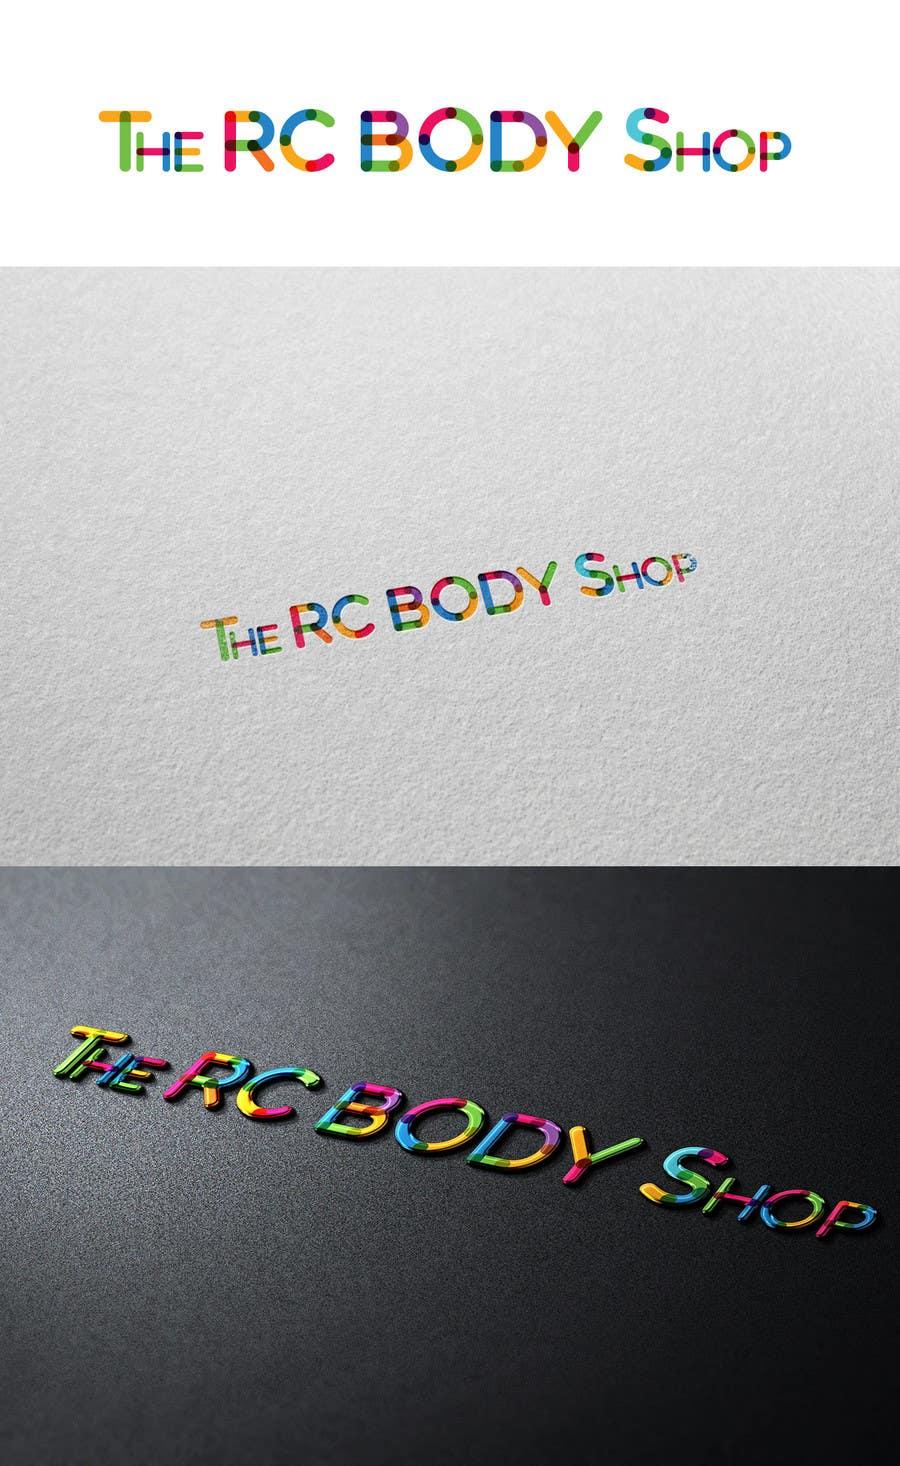 Bài tham dự cuộc thi #                                        29                                      cho                                         Logo Design for The RC Body Shop - eBay